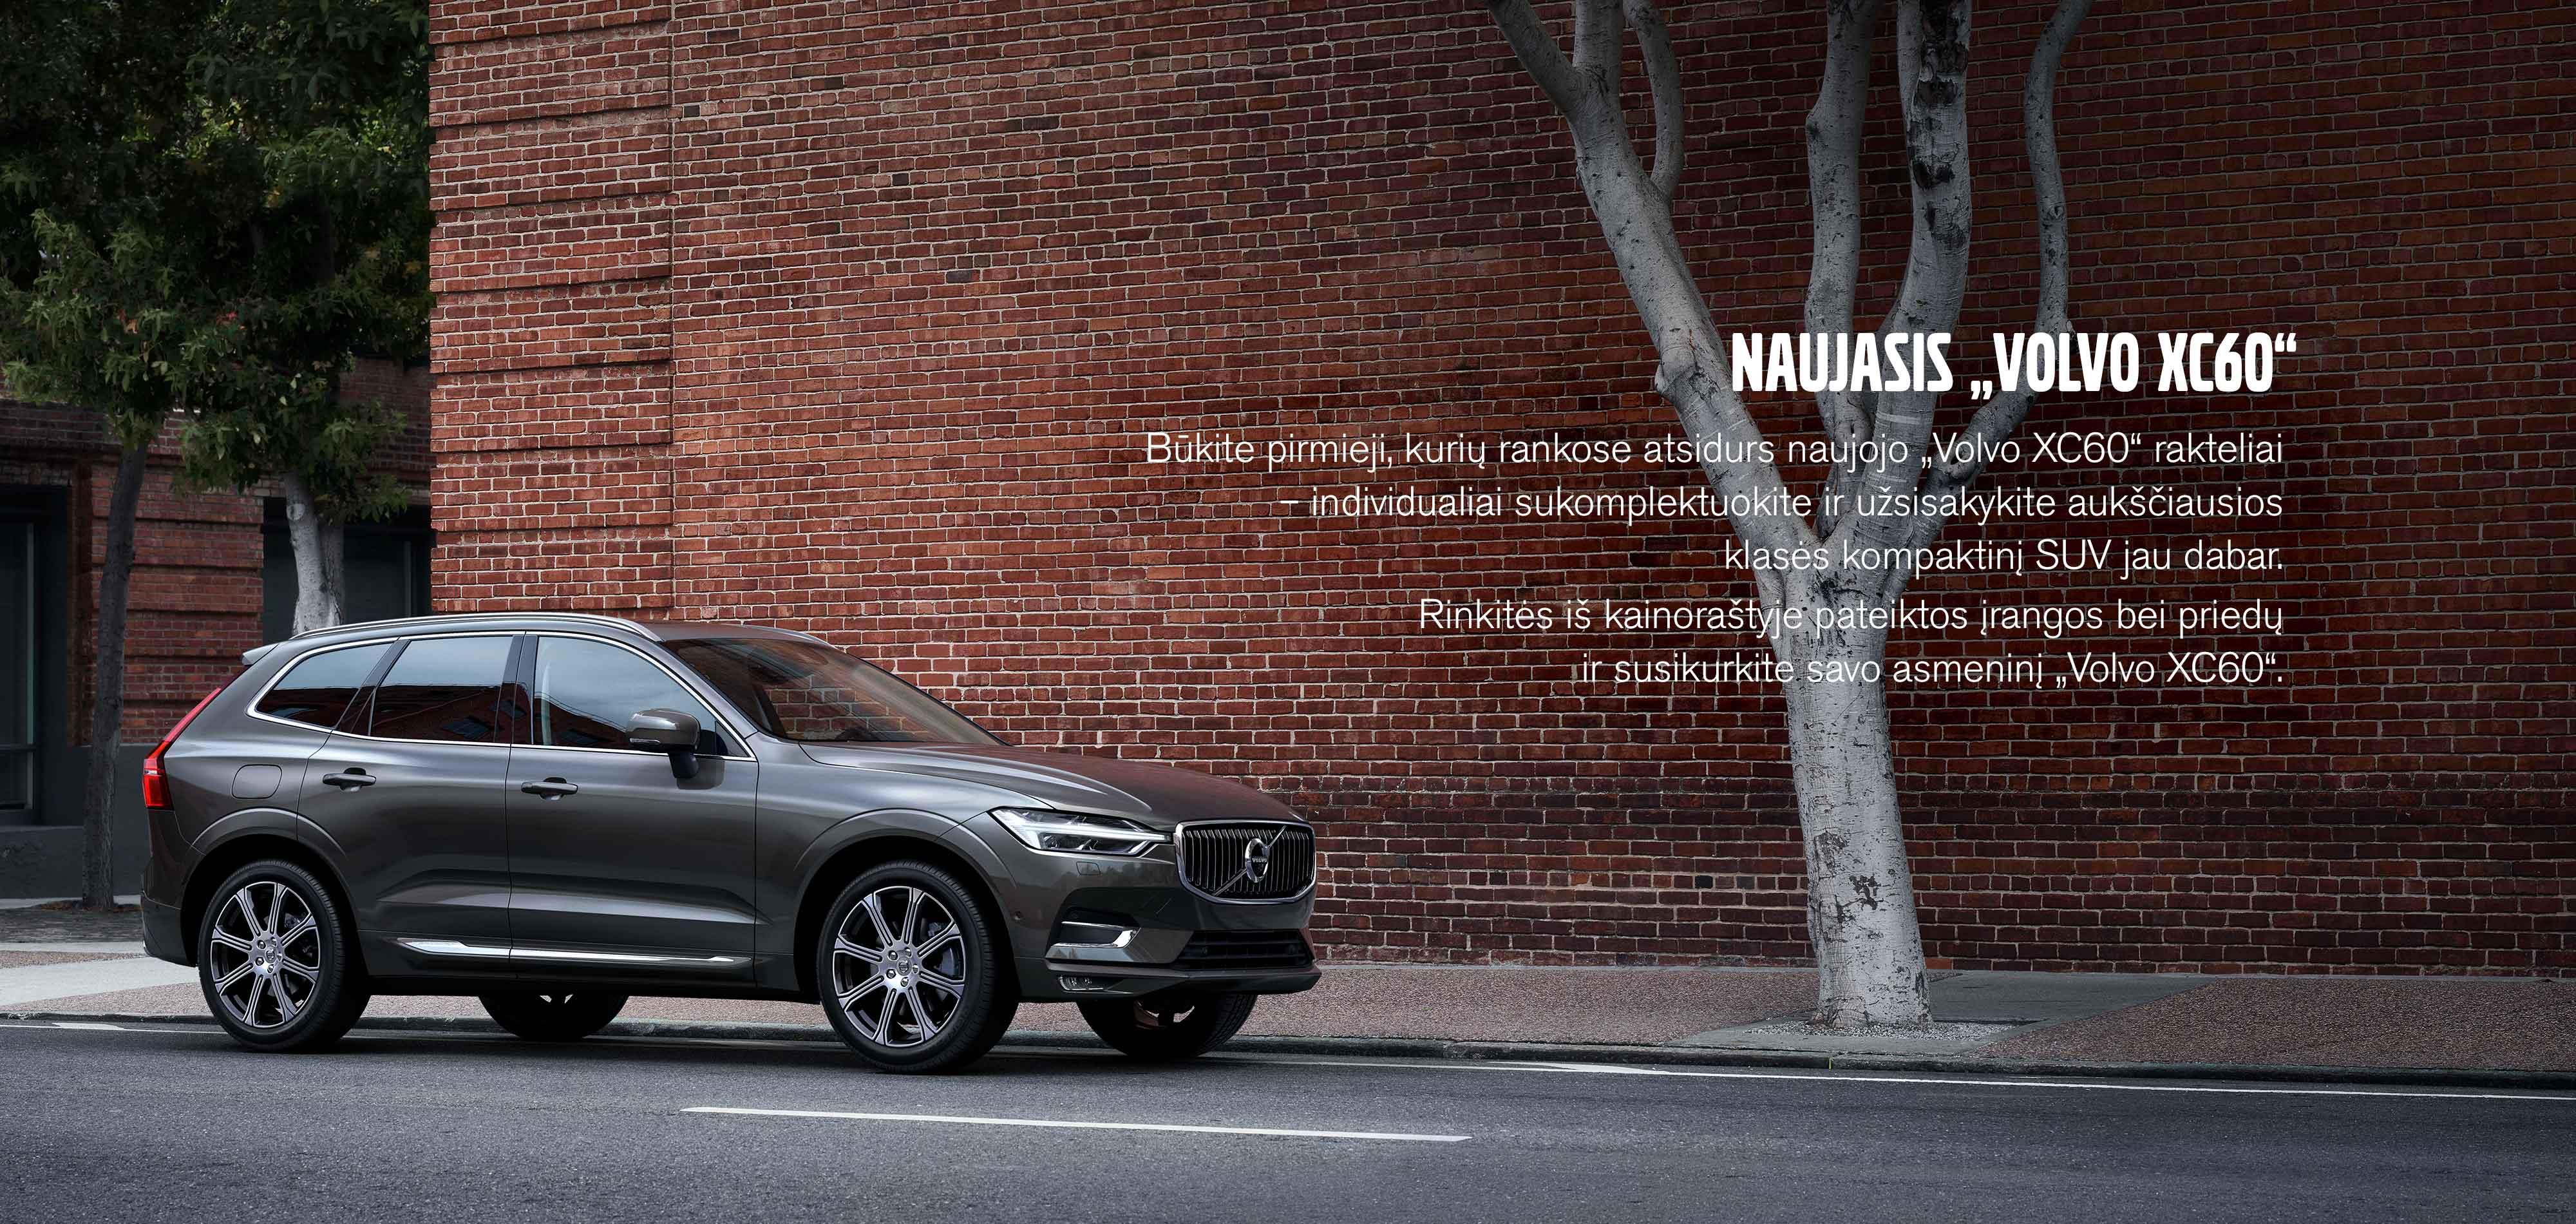 Naujasis Volvo XC60